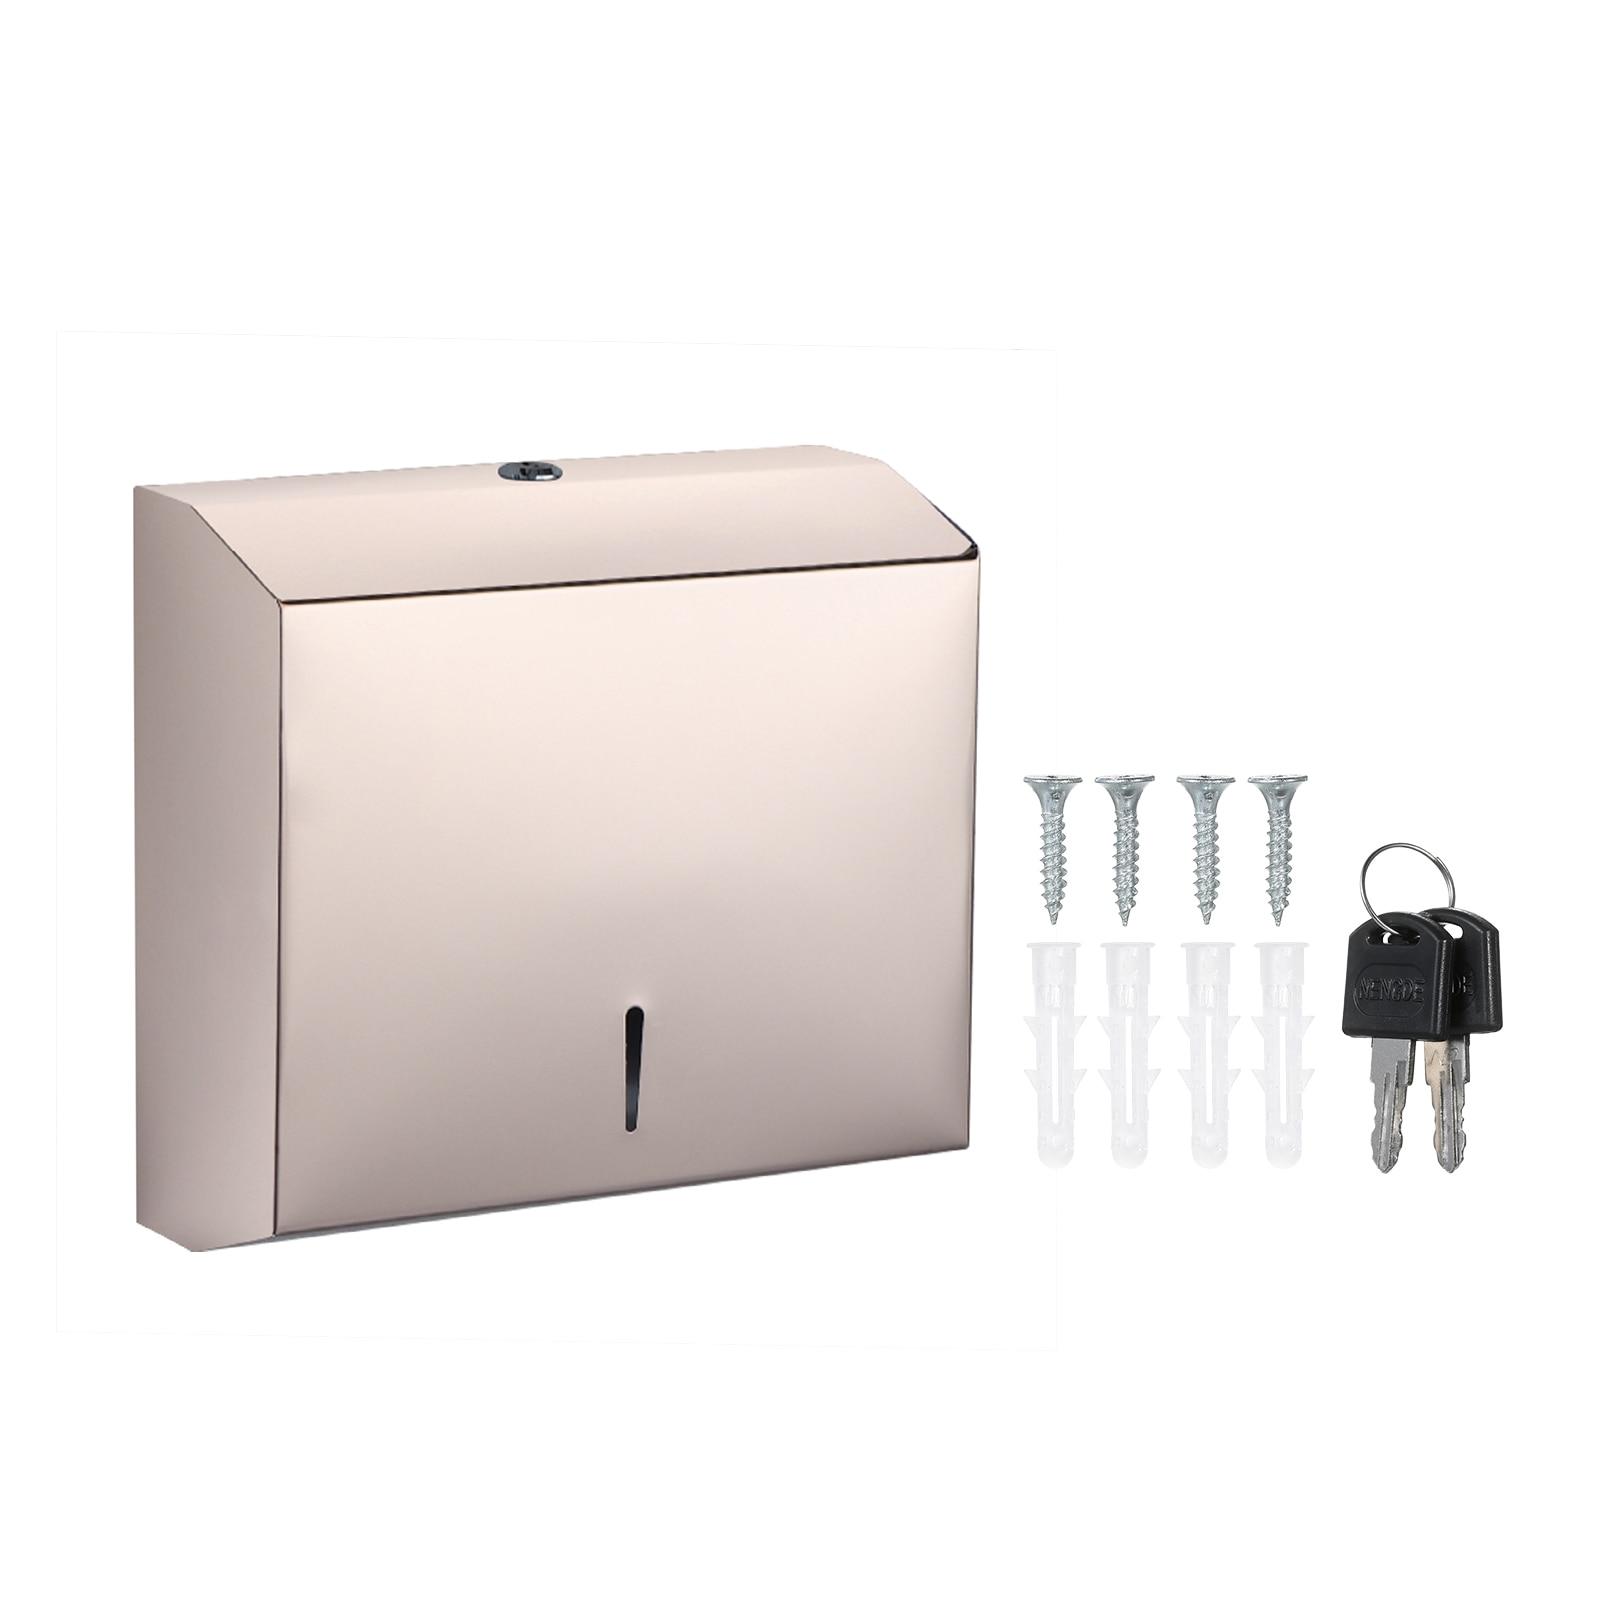 Toilet Paper Dispenser Locks